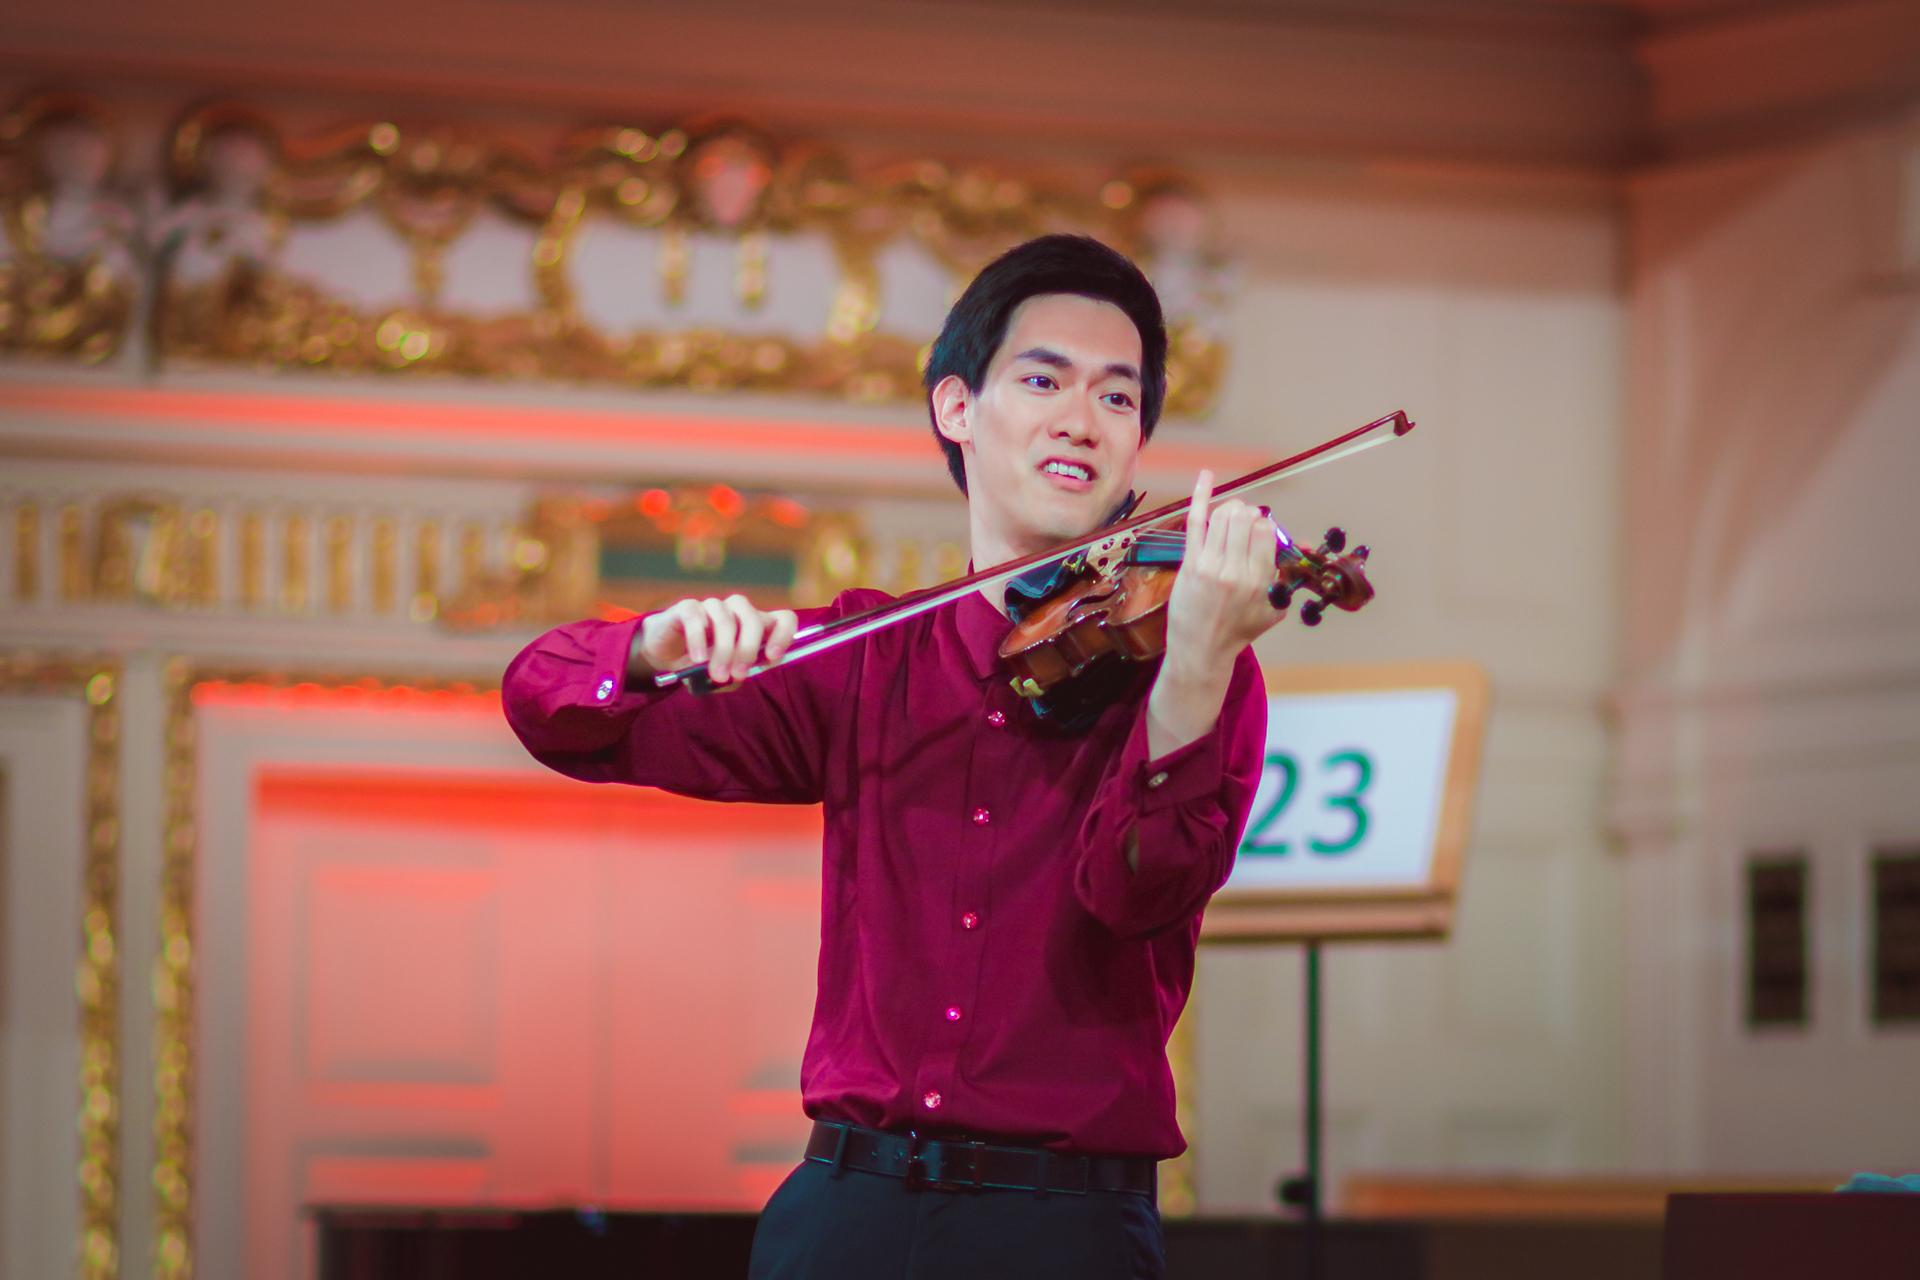 Richard Lin (Tajwan/USA) - Etap 1 - 15. Międzynarodowy Konkurs Skrzypcowy im. H. Wieniawskiego STEREO